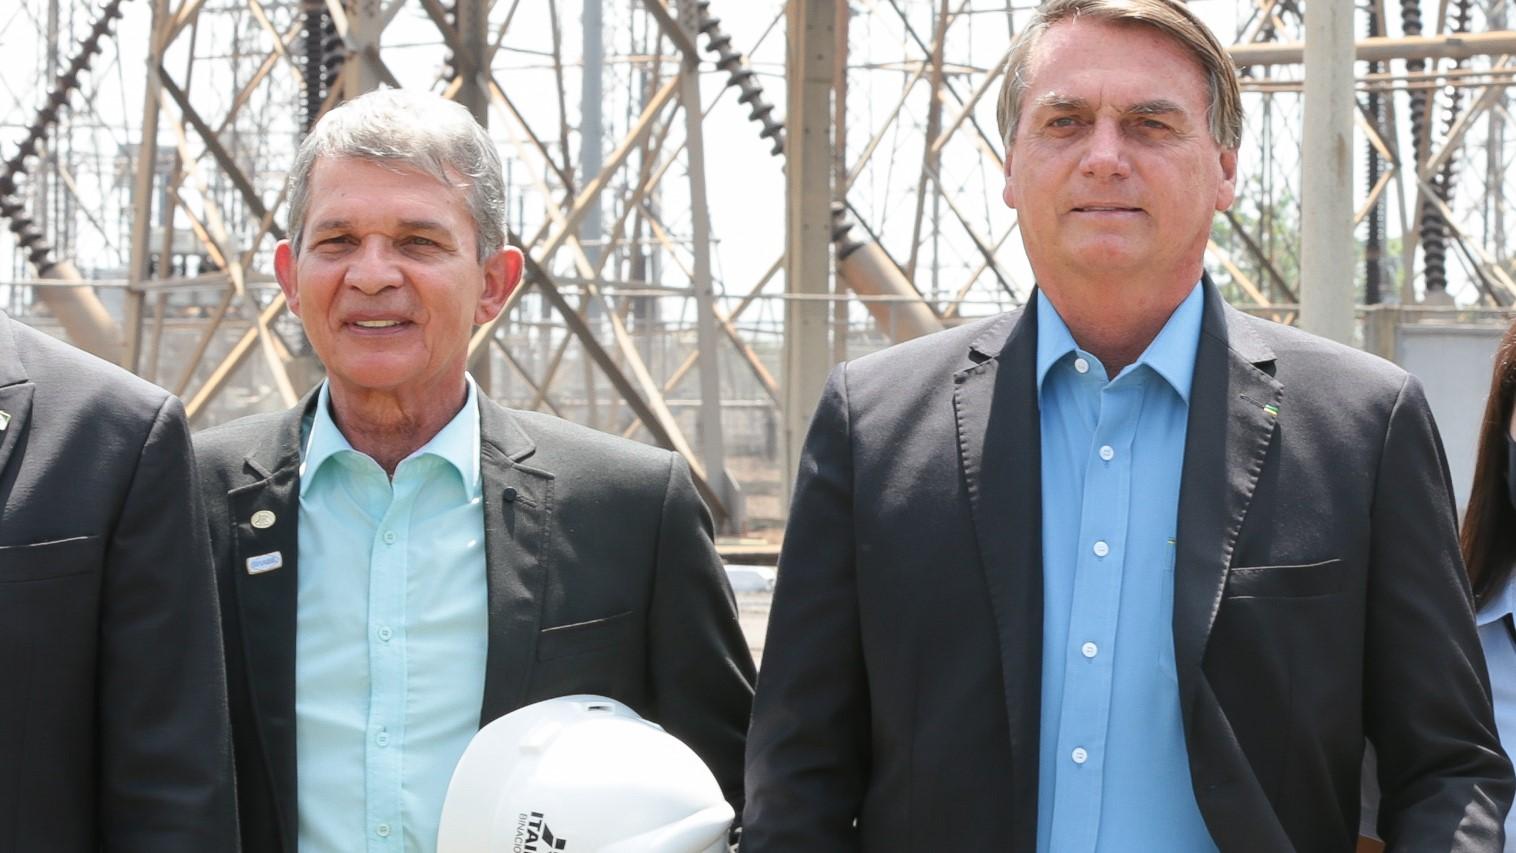 25/02/2021 Joaquim Silva e Luna e Petrobras posam em evento no Paraná. Foto por Valdenio Vieira, Presidência da República